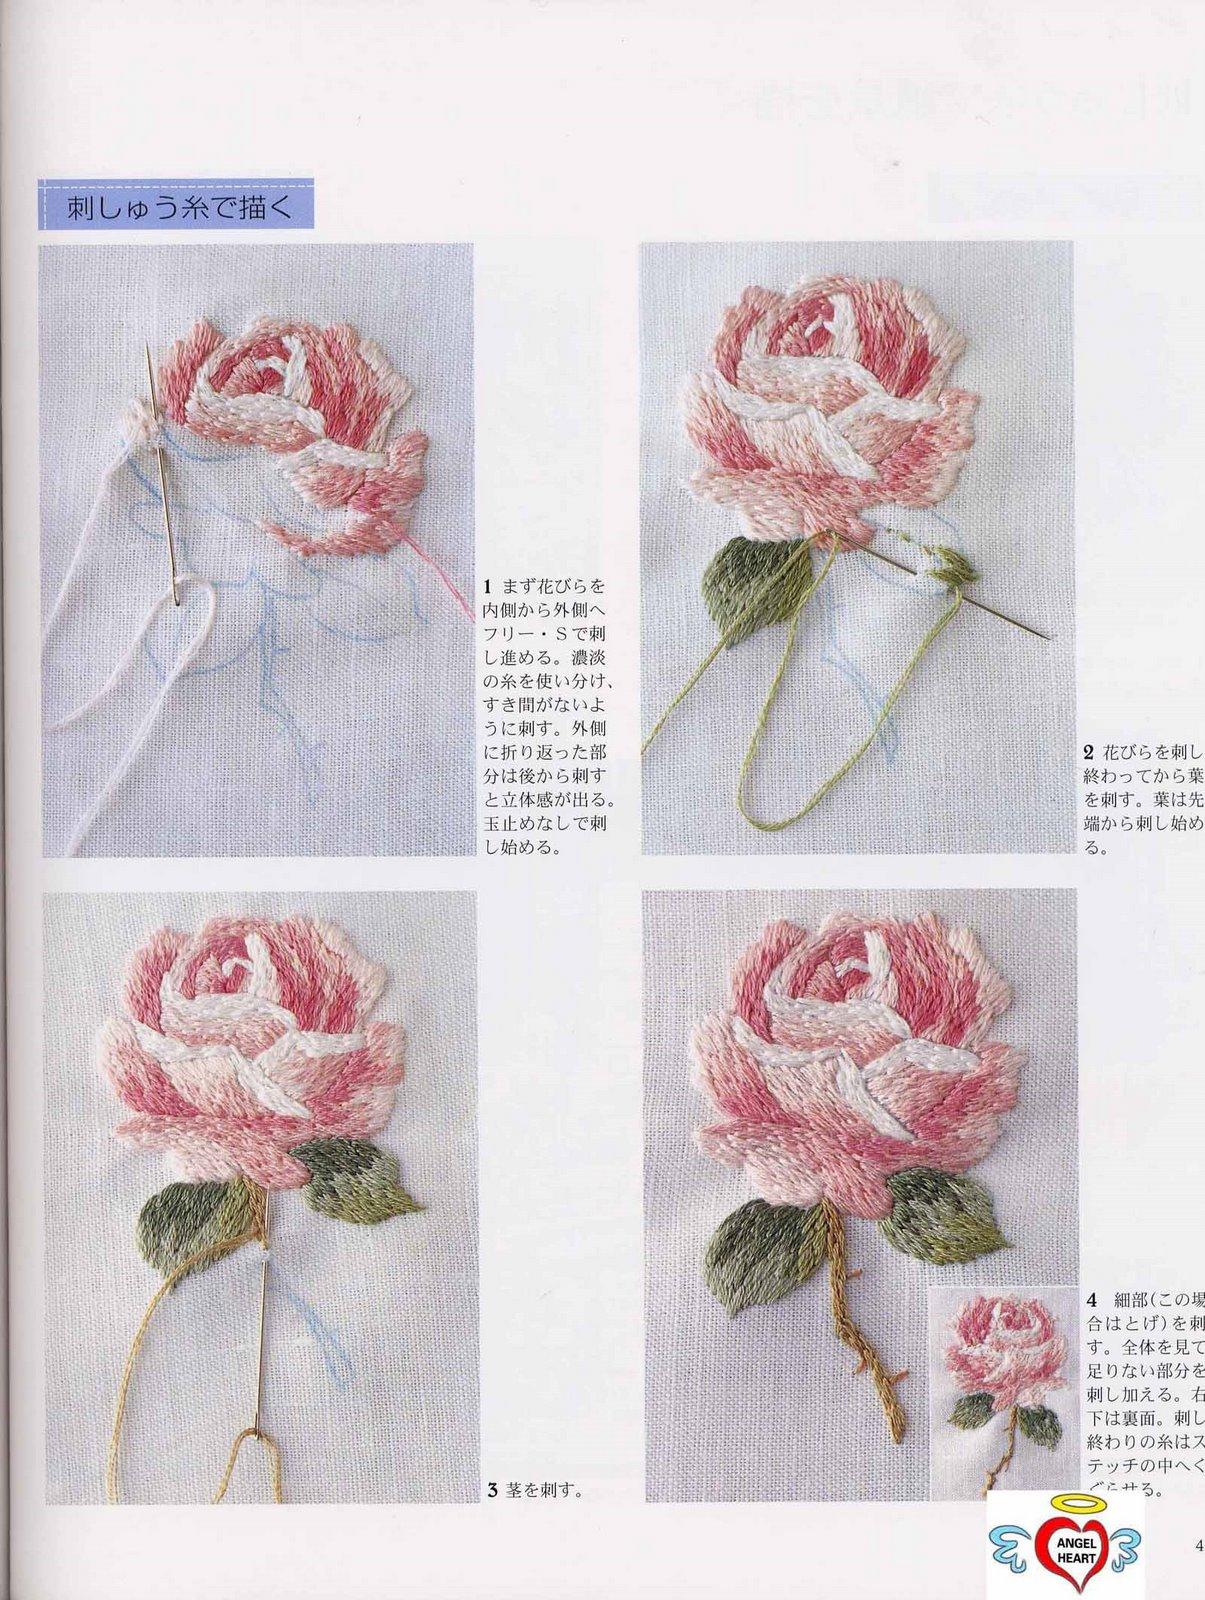 ورود الربيع مطرزة بالخيط الحرير